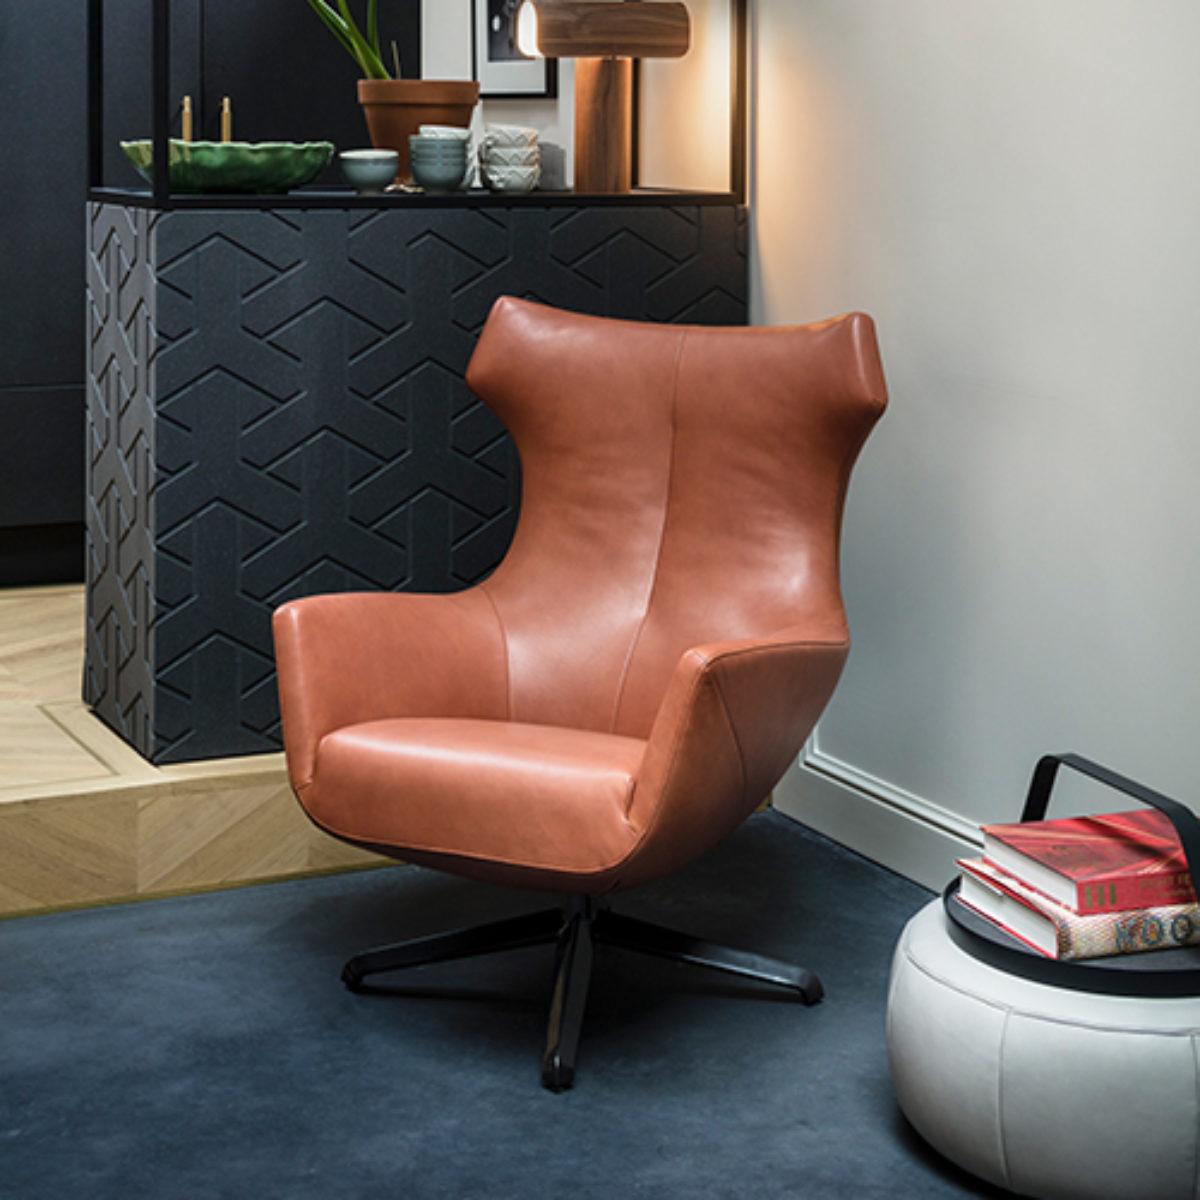 Designonstock com meubelen collectie chair relax fauteuil nosto 02